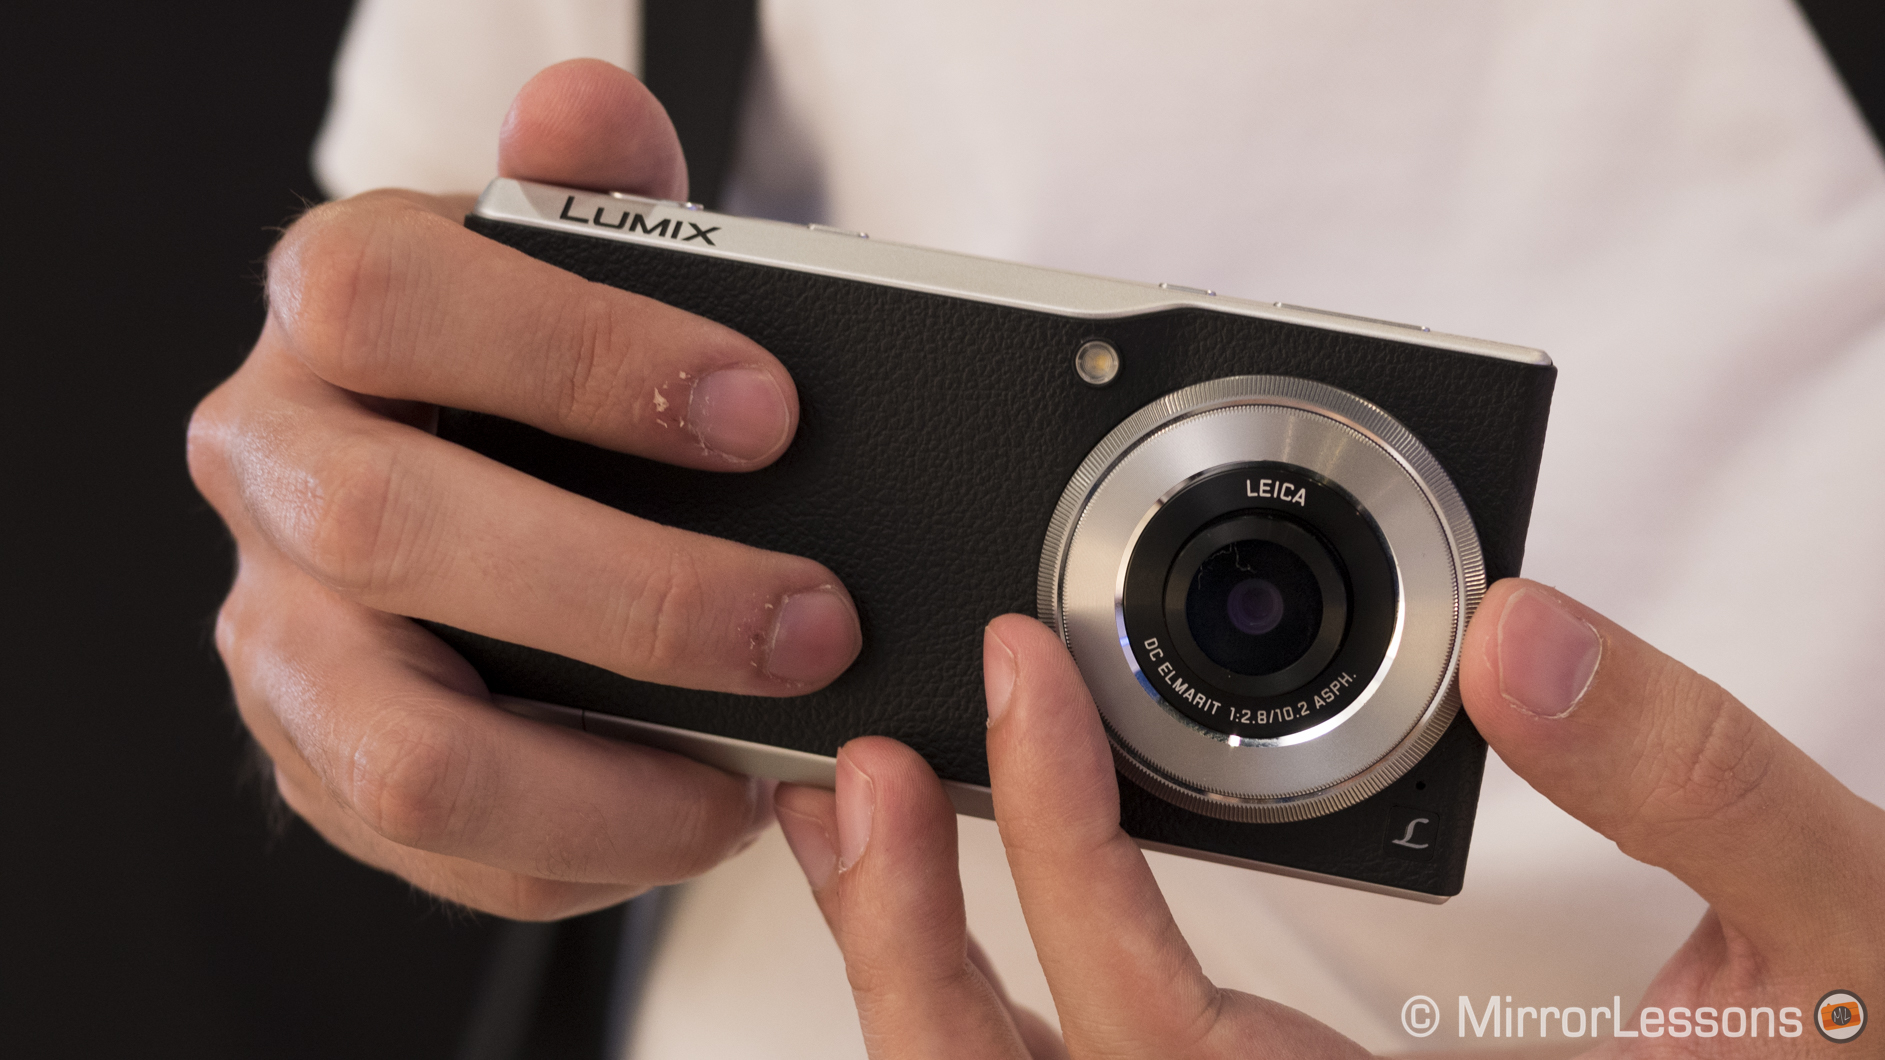 panasonic cm1 camera phone